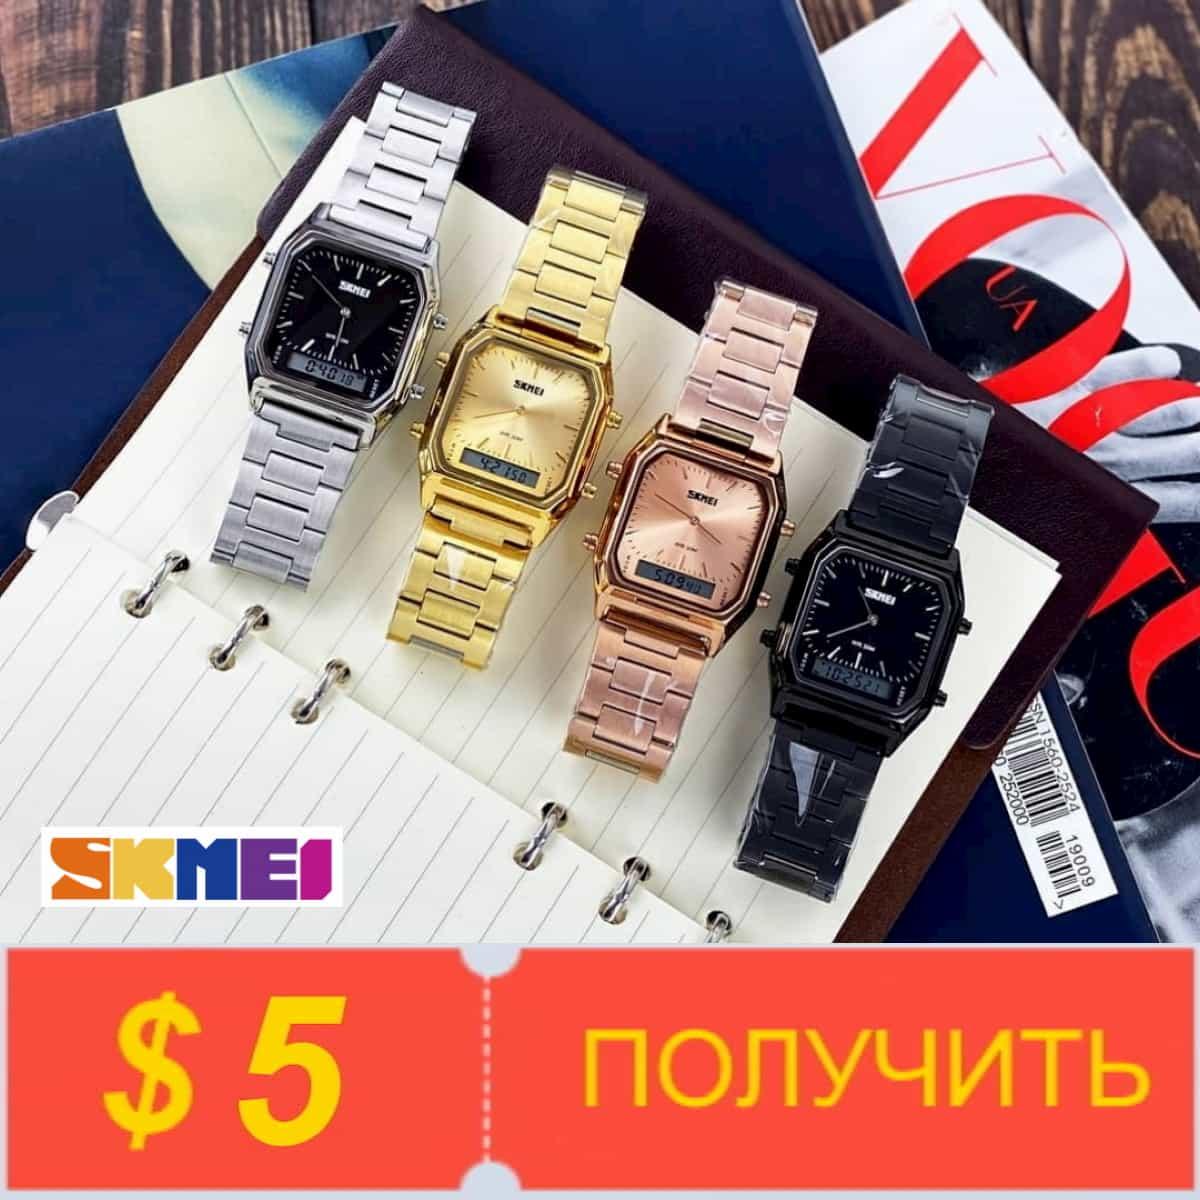 Получите купоны от Skmei Official Store на Алиэкспресс